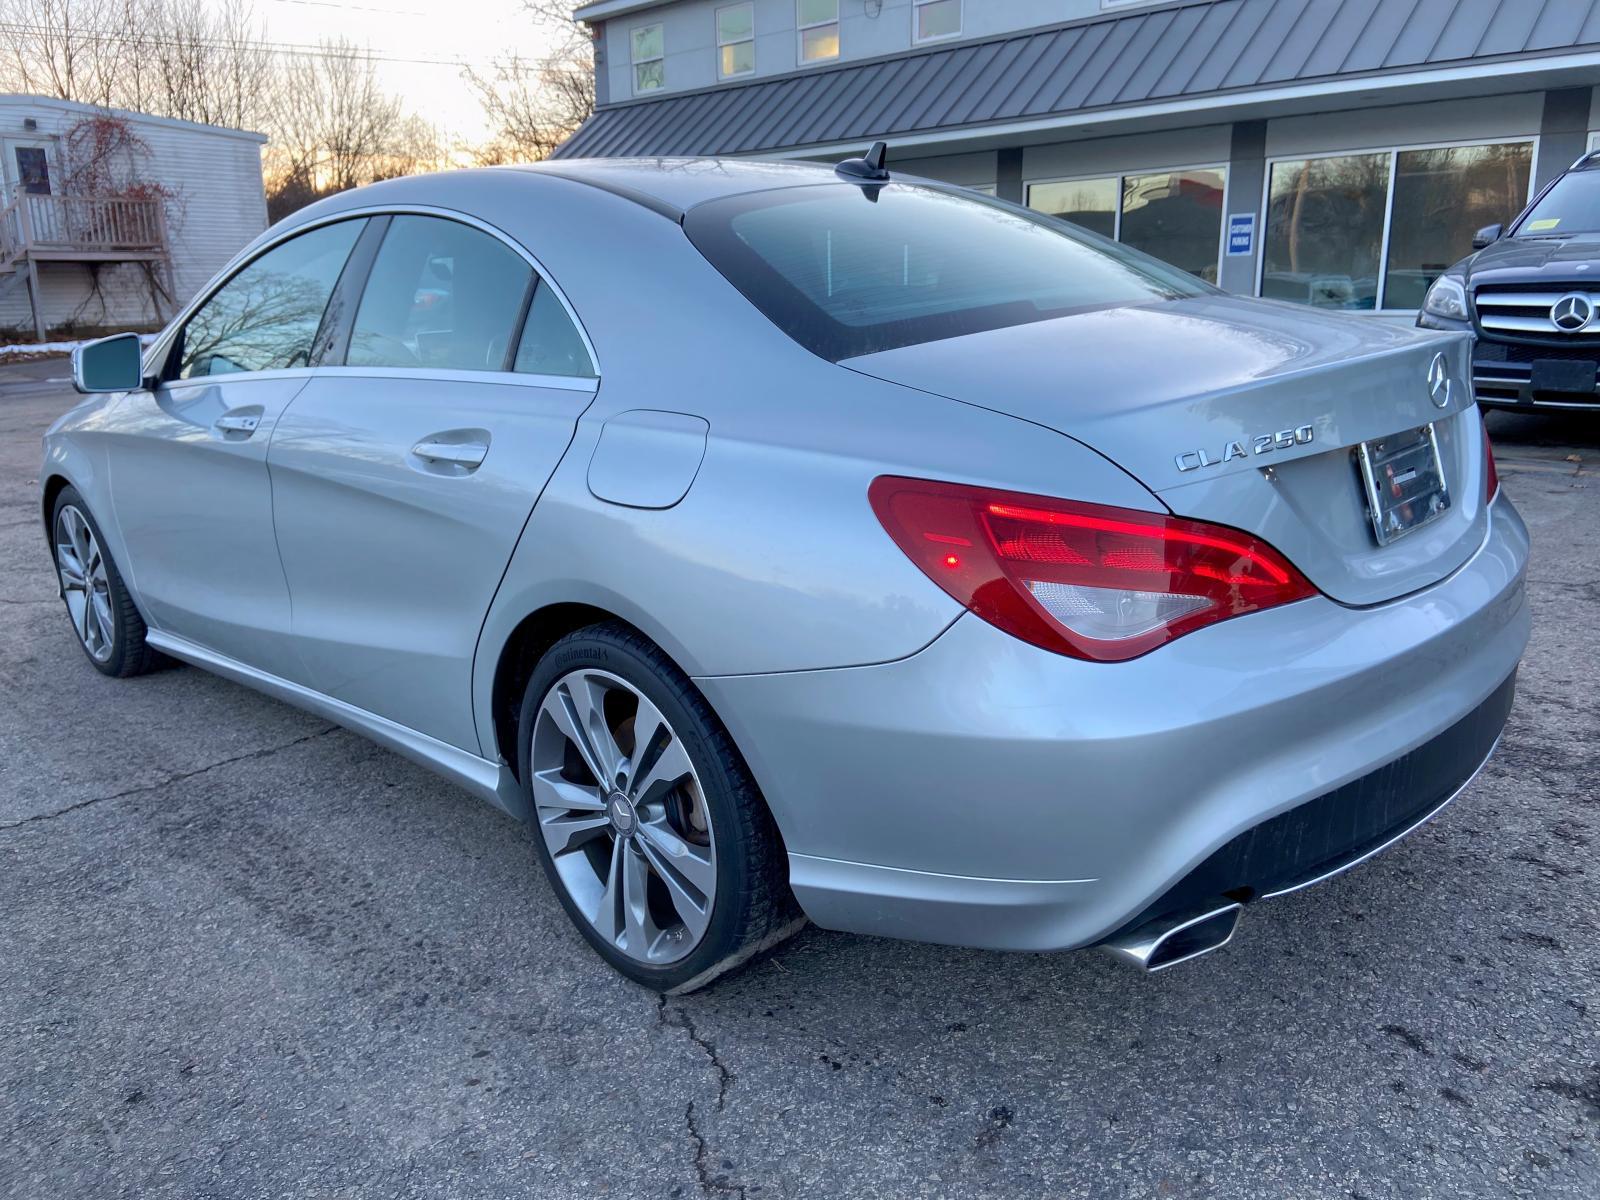 WDDSJ4EB9EN060365 - 2014 Mercedes-Benz Cla 250 2.0L rear view